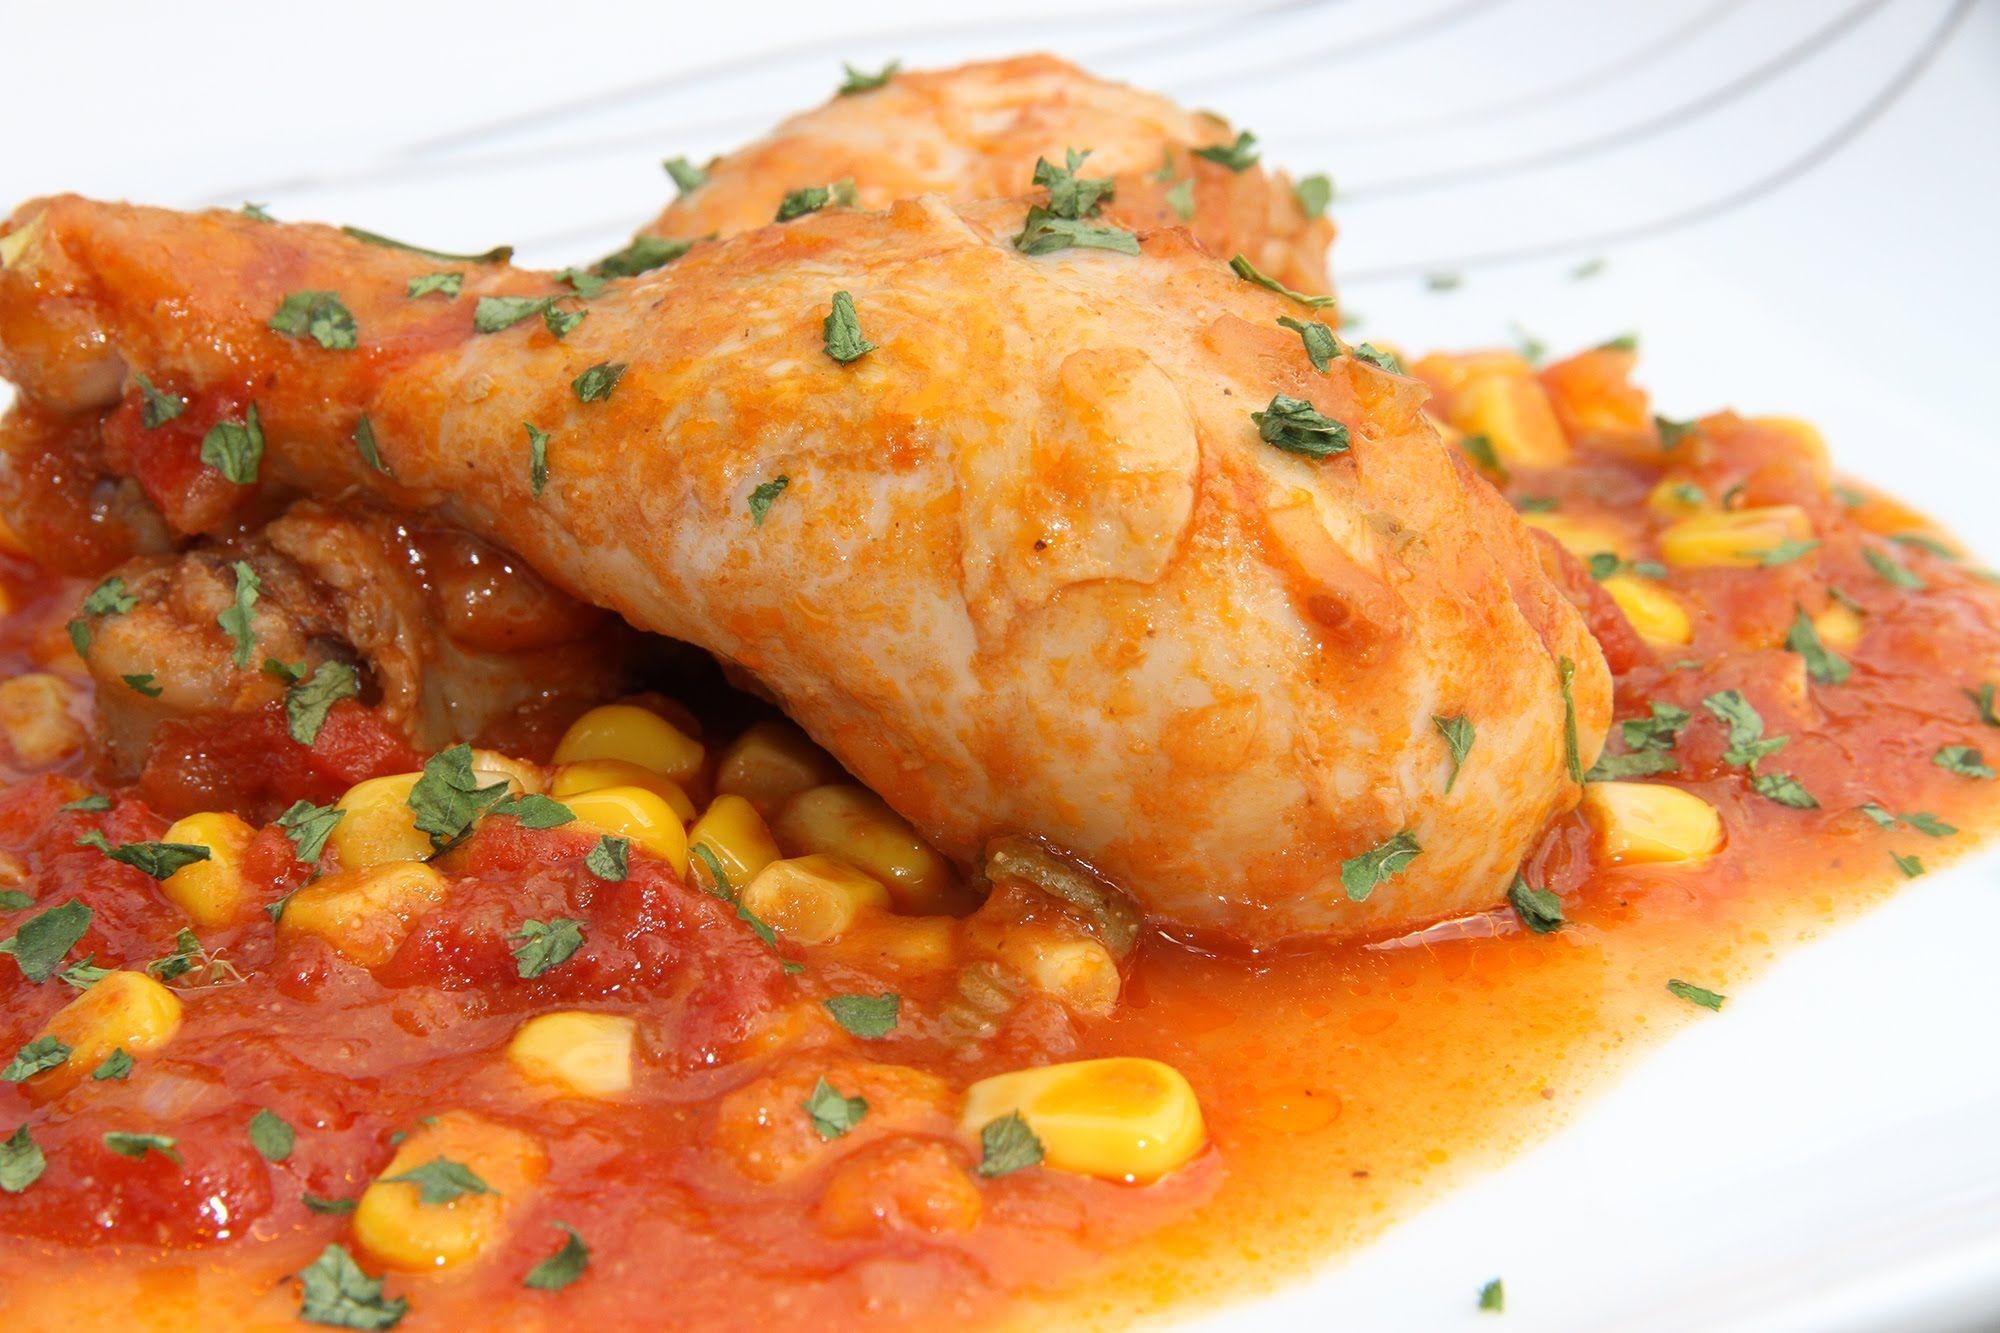 воробьев перенес рецепт курицы по мексикански с фото нас можно недорого